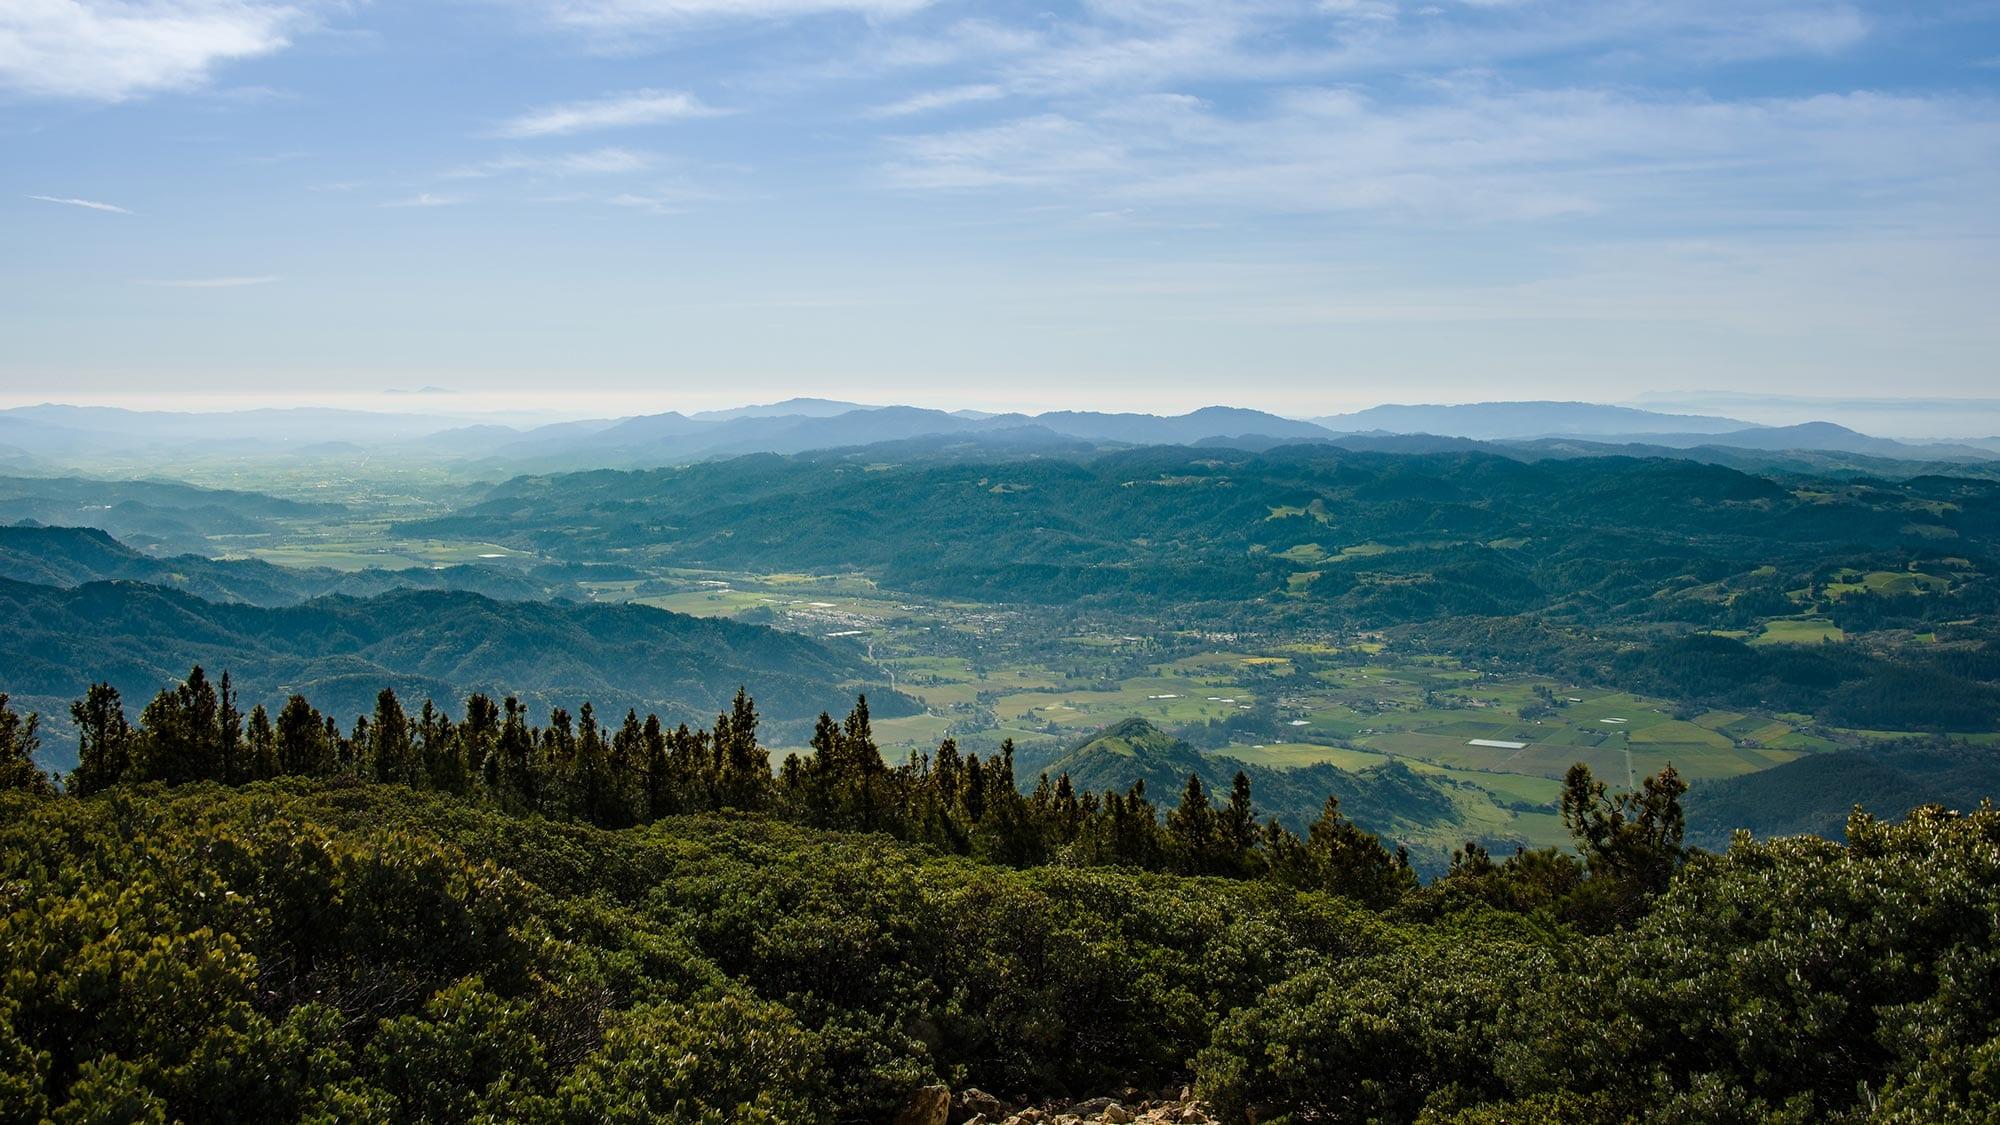 Napa Valley mountain view